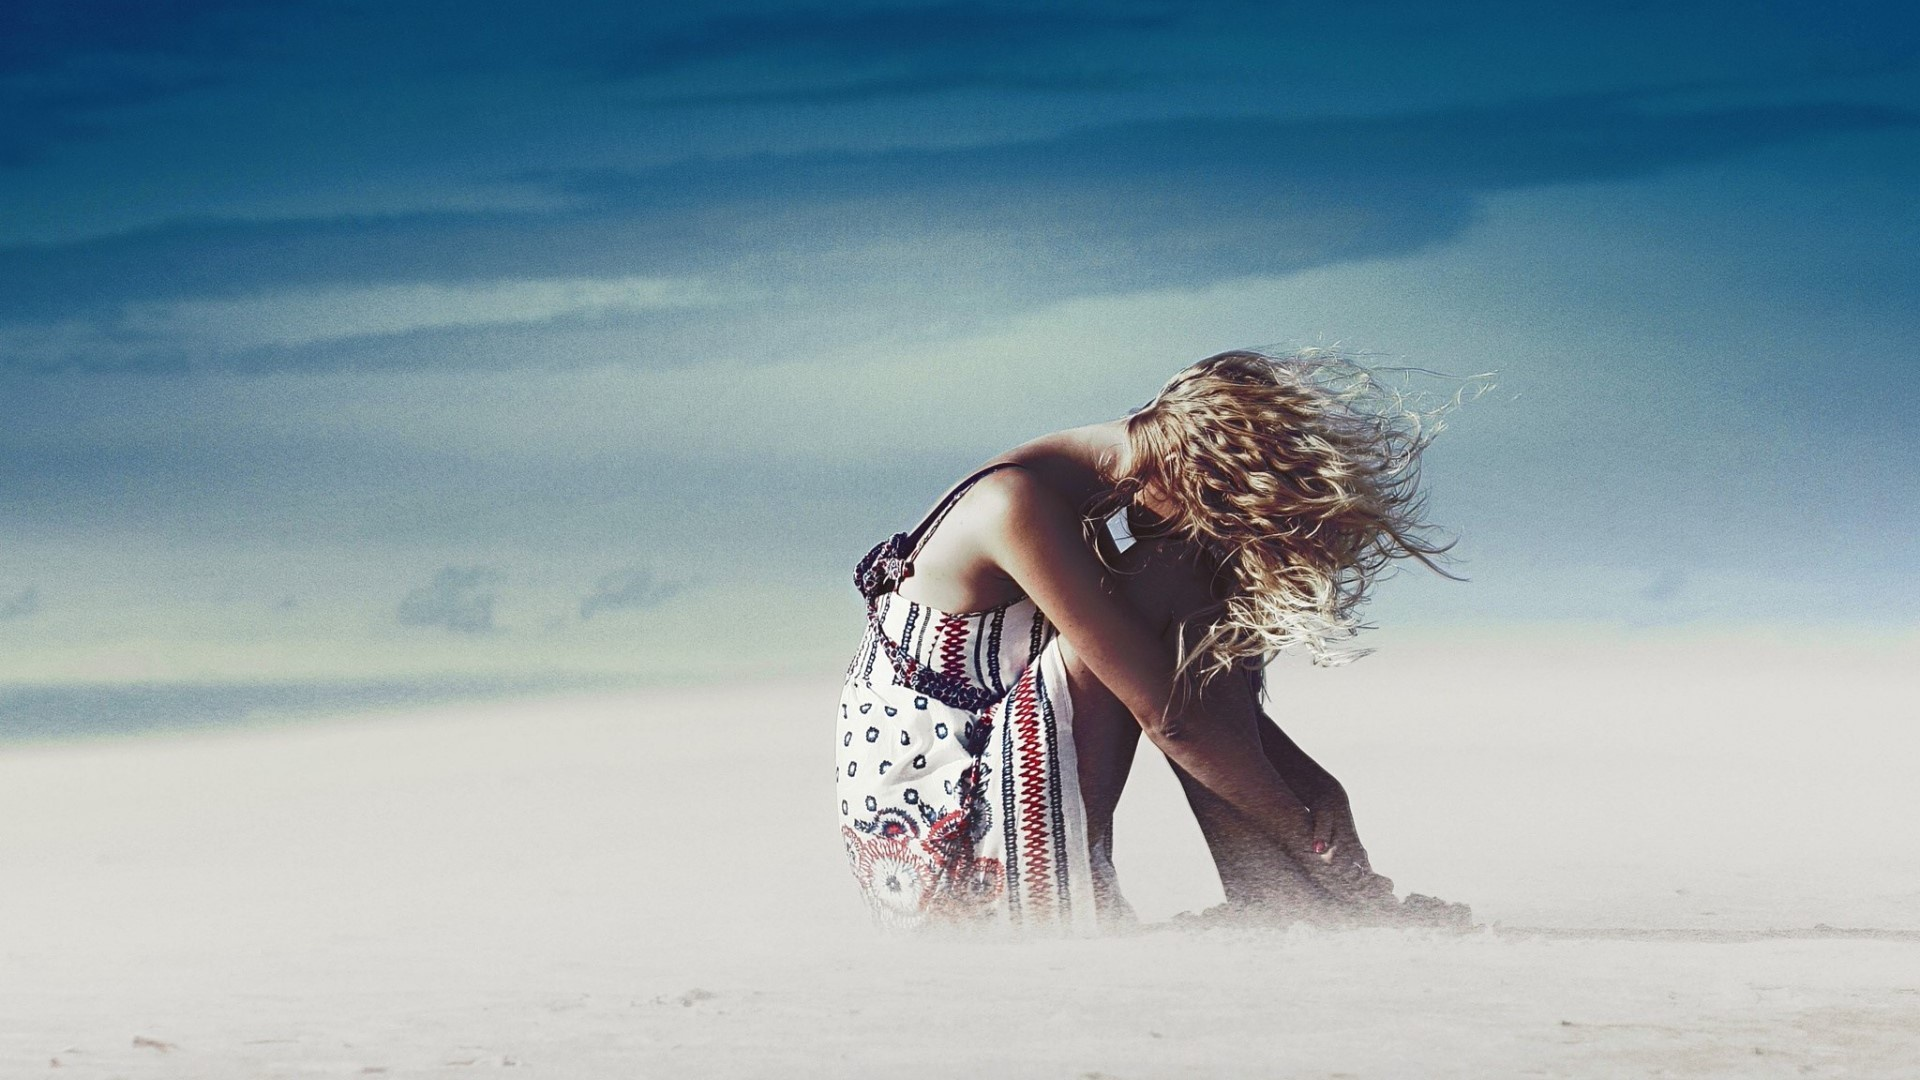 Фото девушки на море под дождем